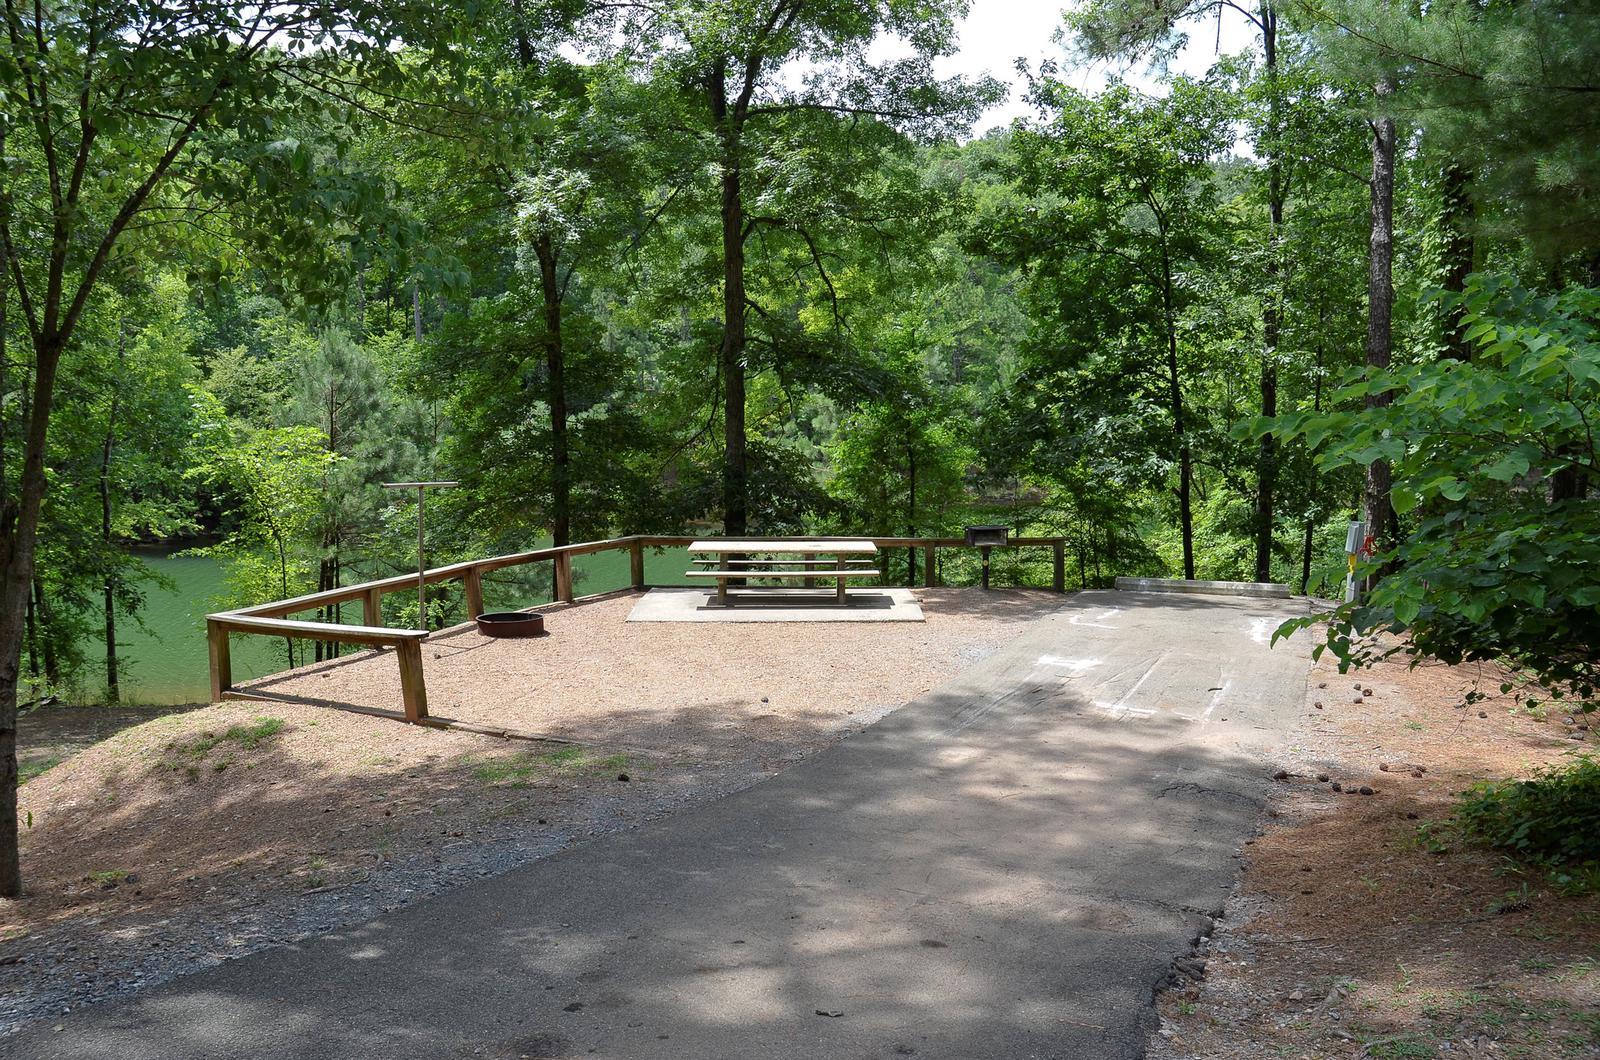 McKinney Campground Site 54